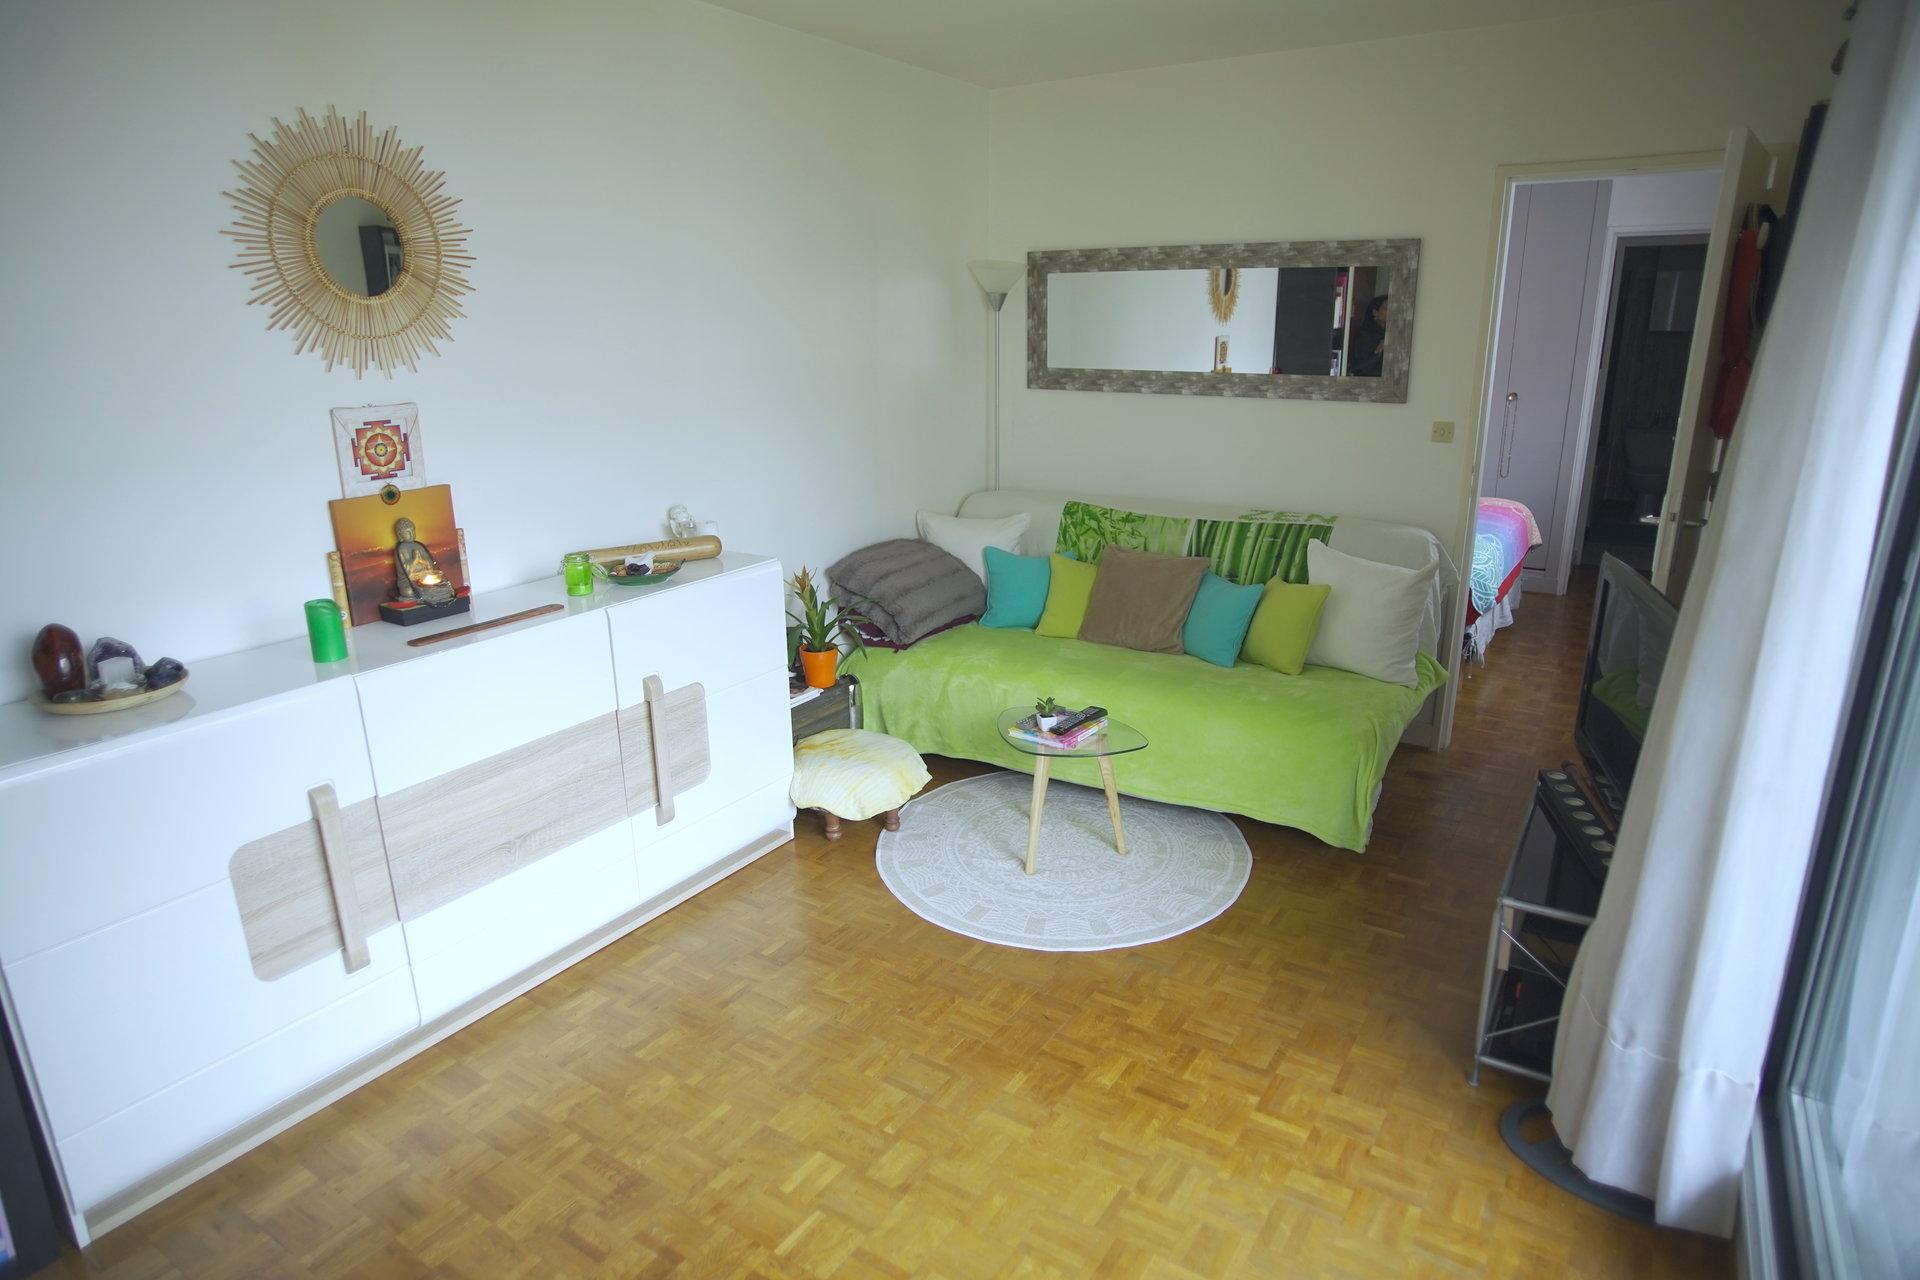 Achat Appartement Surface de 34.66 m²/ Total carrez : 34.66 m², 2 pièces, Paris 12ème (75012)